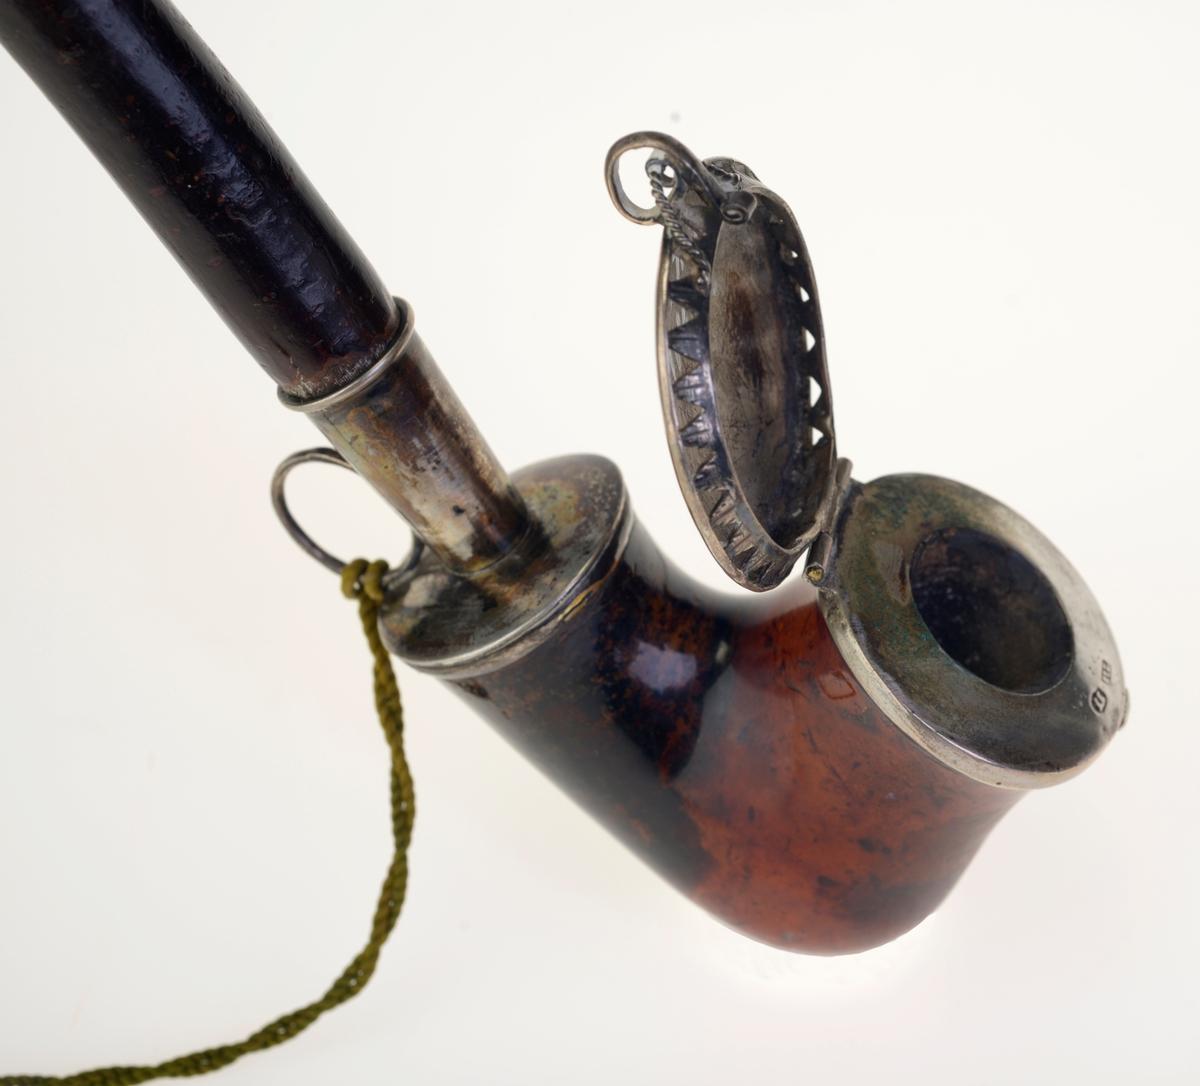 Langpipe med pipehode, piperør og halvparten av munnstykket. Pipehodet er laget av merskum og er brun/brunrød og svart på farge. Pipehodet har sølvlokk med fjærlås og i låsen er det festet en tvunnet snor av sølv. Langs kanten på lokket er det små luftehull formet som trekanter. Lokket er festet med hengsler. Festet til piperøret er også laget av sølv, og i bakkant er det en ring som fungerer som snorfeste. Det ene stempelet 11L betyr at sølvinnholdet er på 687 promille. Piperøret er laget av tre som har barken på, og det er brunsvart på farge. Munnstykket er trolig laghet av ibenholt og har enkle utskjæringer og en mansjett. Siste del av munnstykket mangler. Det er festet en grønn silkesnor med dusker i munnstykket og ringen på pipehodet.